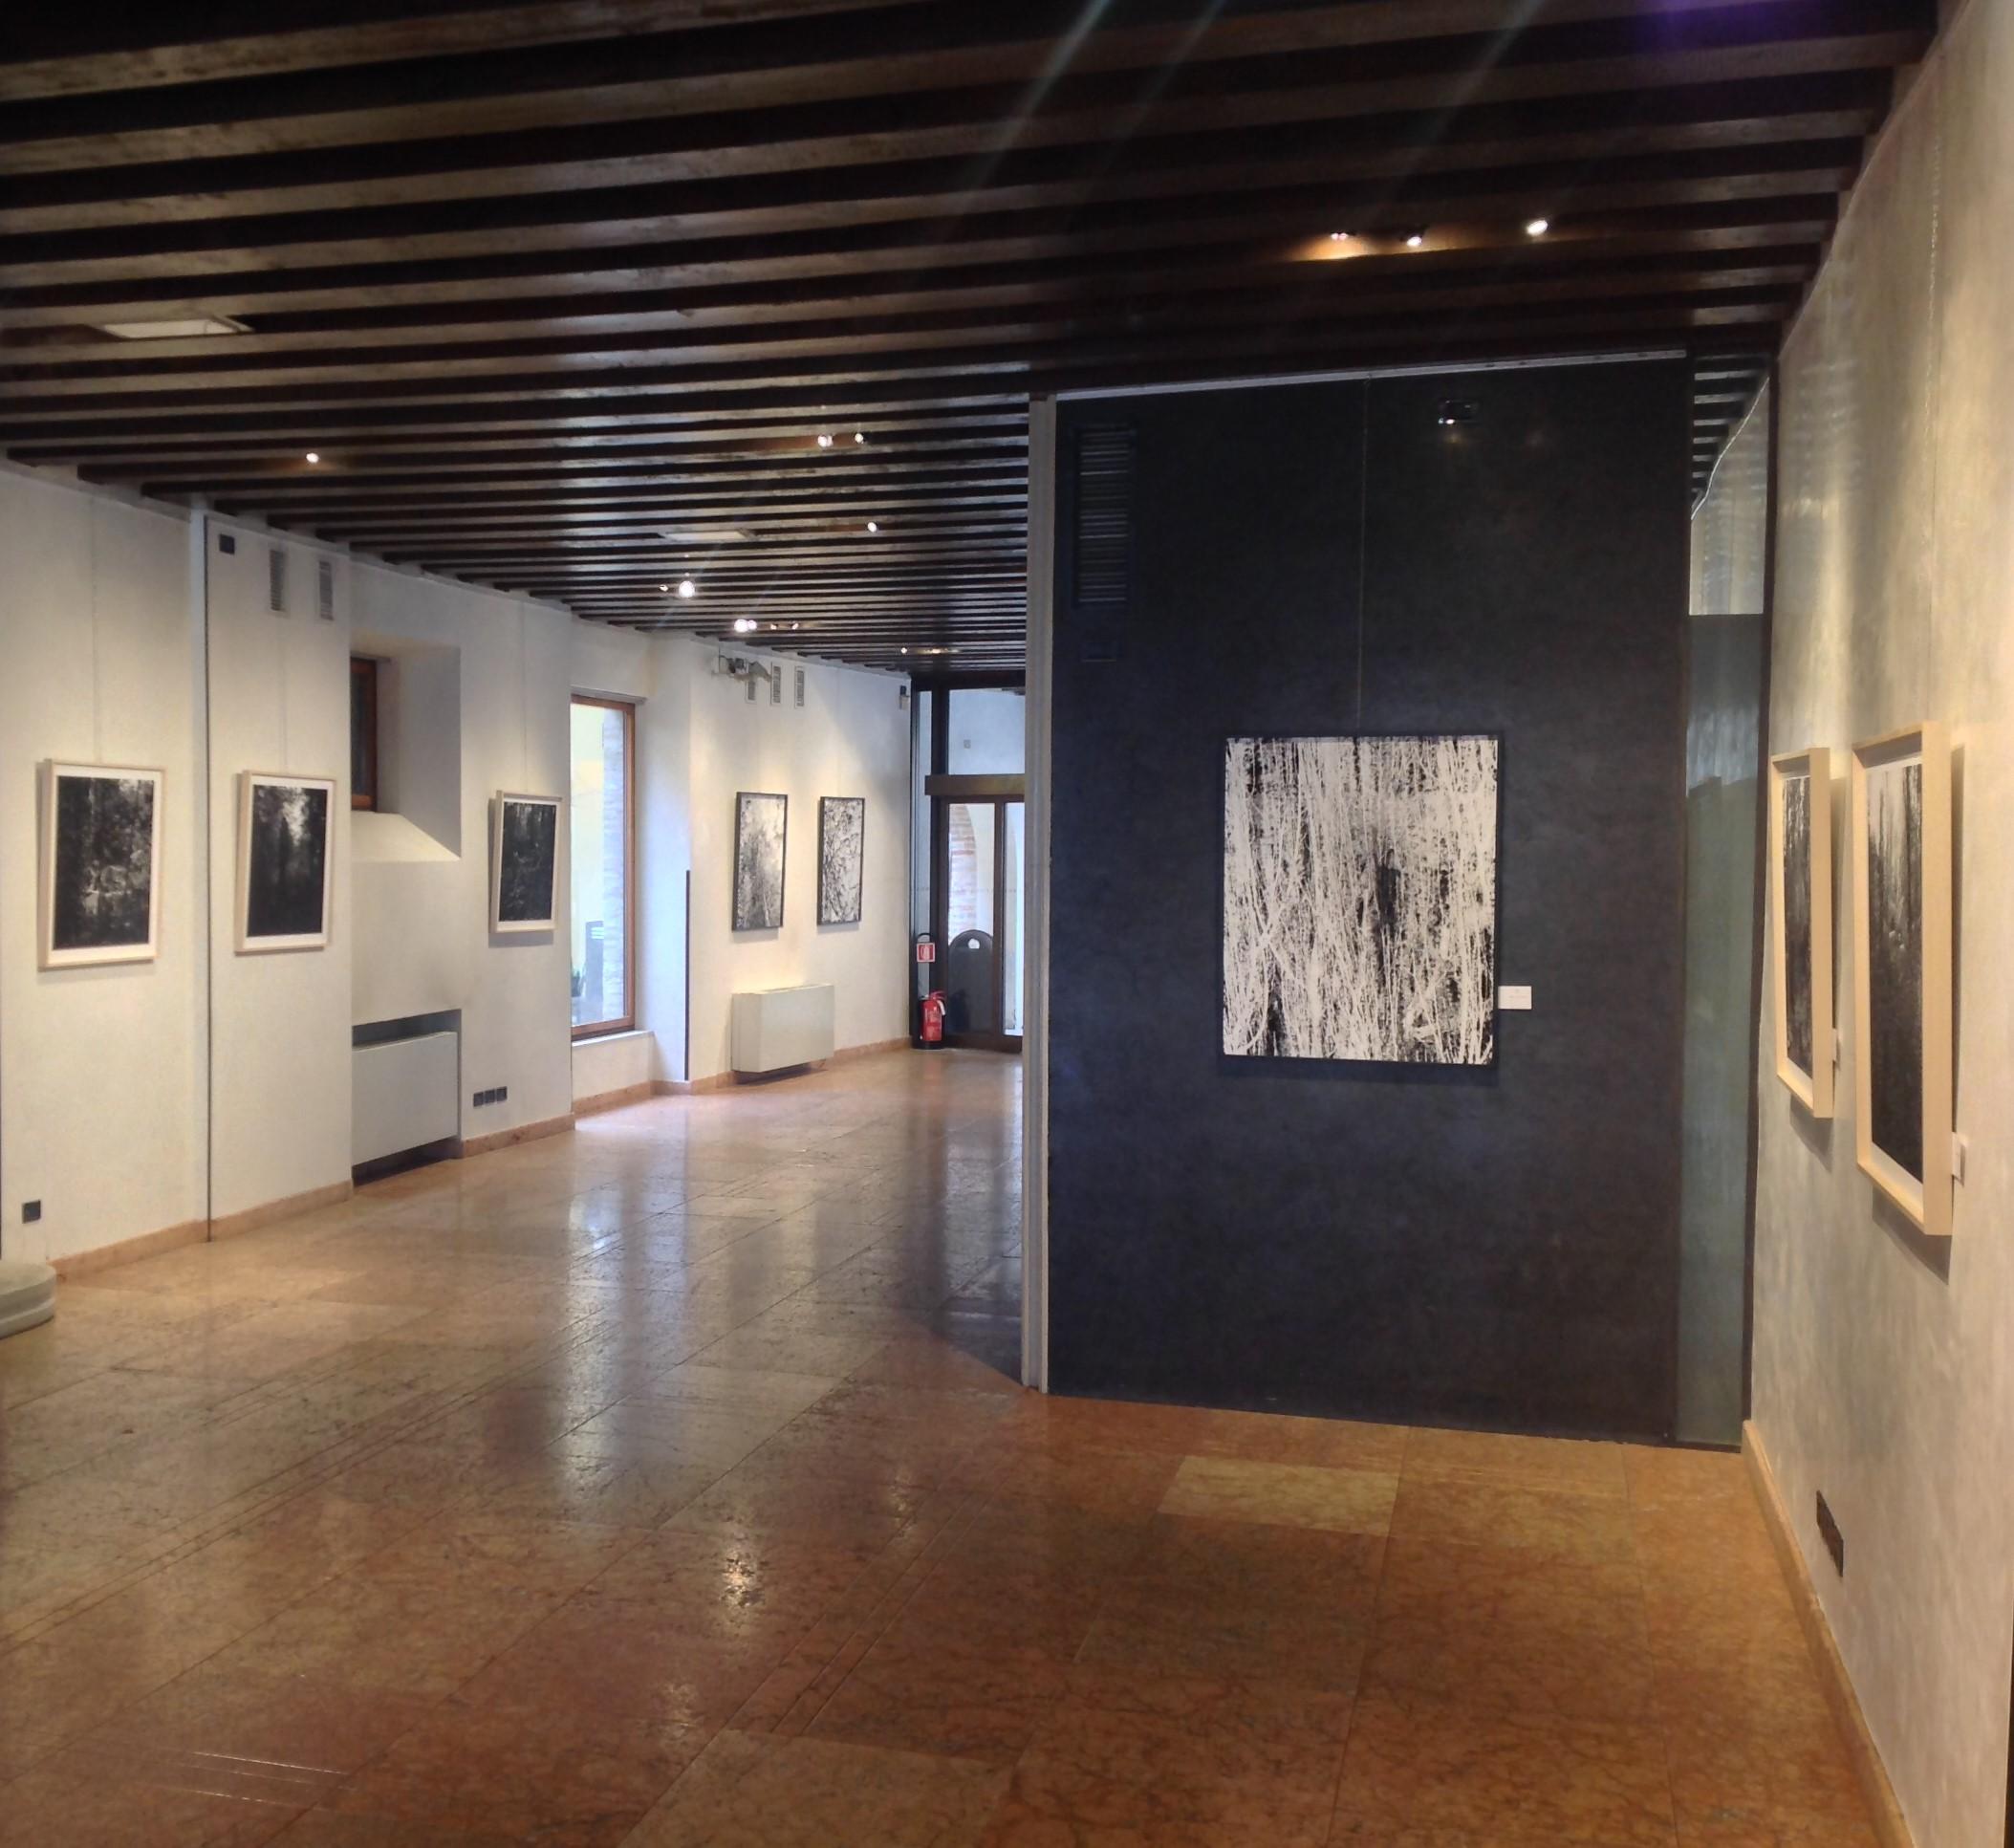 Riccardo Squillantini, Rumori silenziosi, mostra personale, a cura di Alain Chivilò_Casa dei Carraresi_Treviso (10)